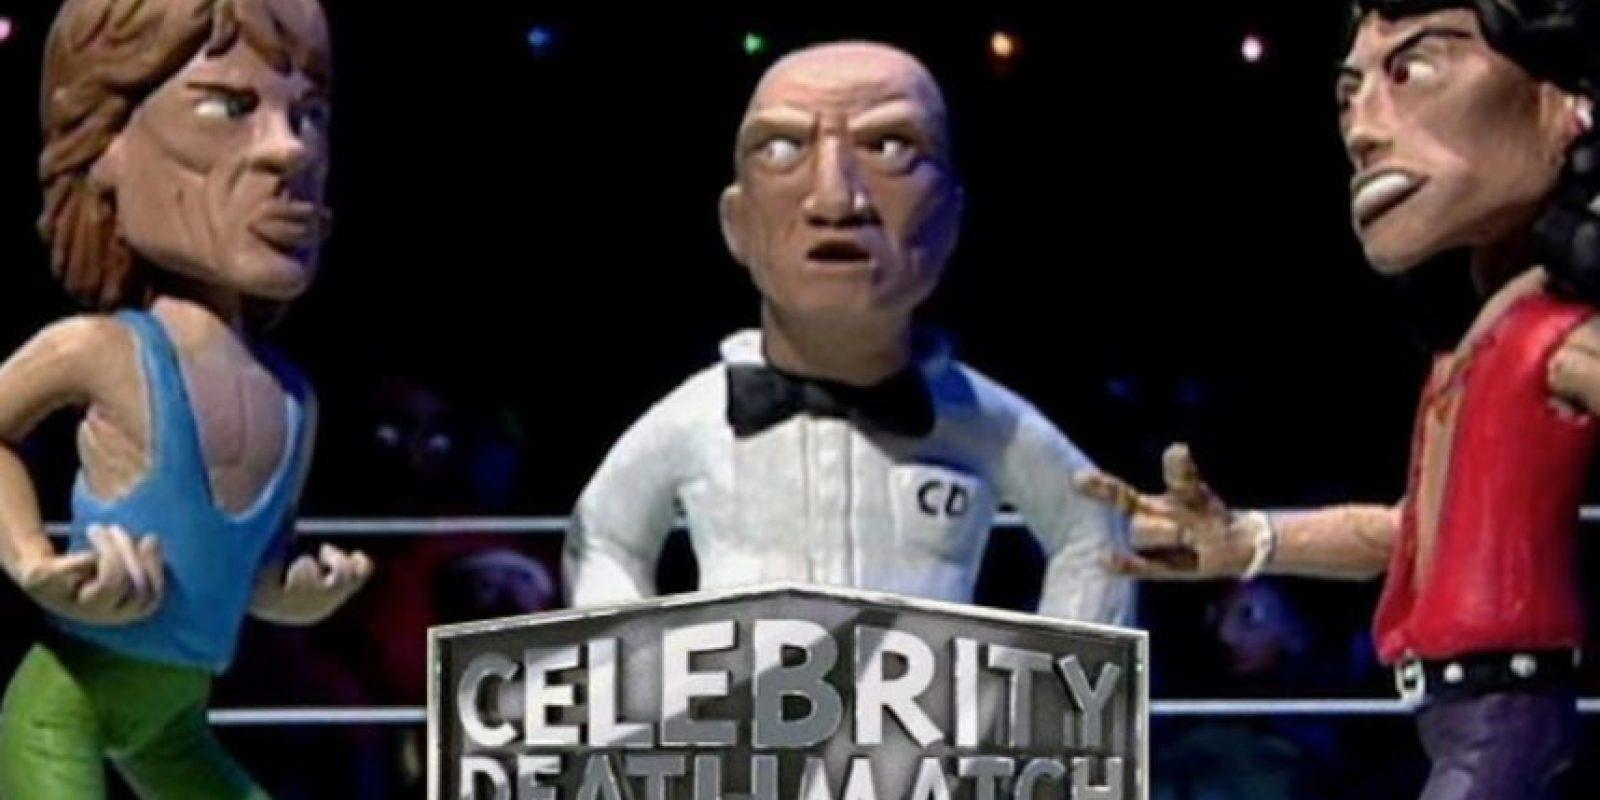 También se han generado debates por ello. Foto:MTV